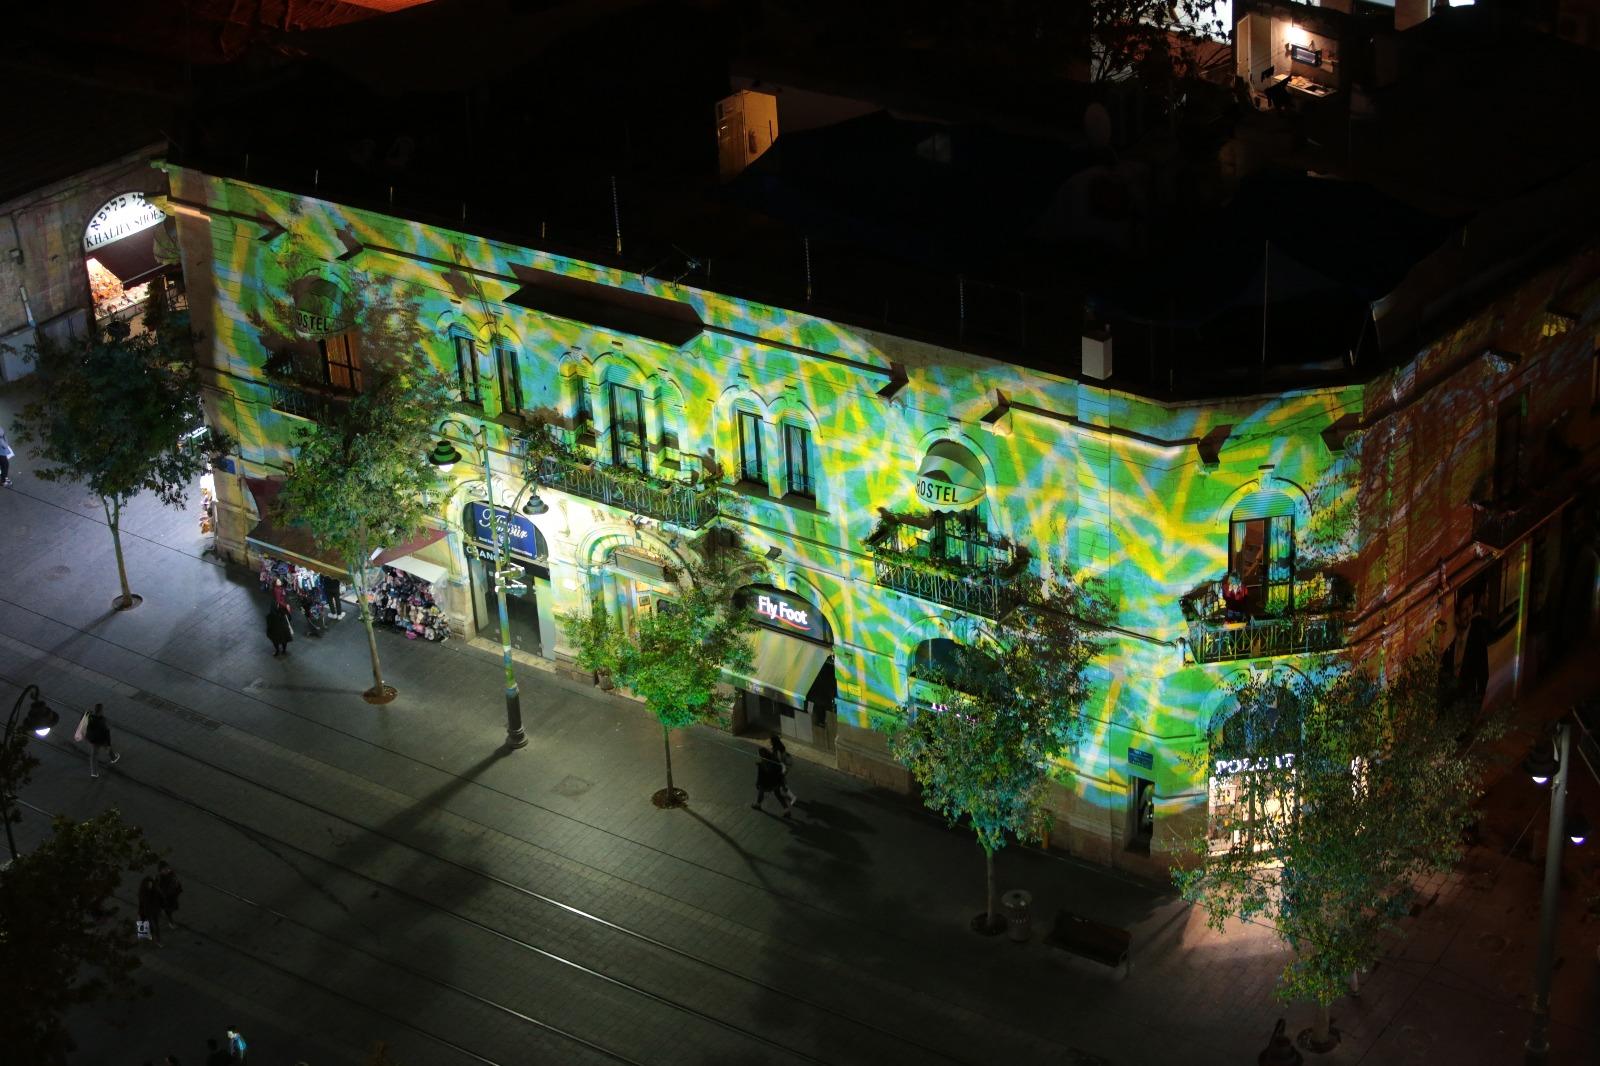 תאורת לילה מיוחדת ברחוב יפו